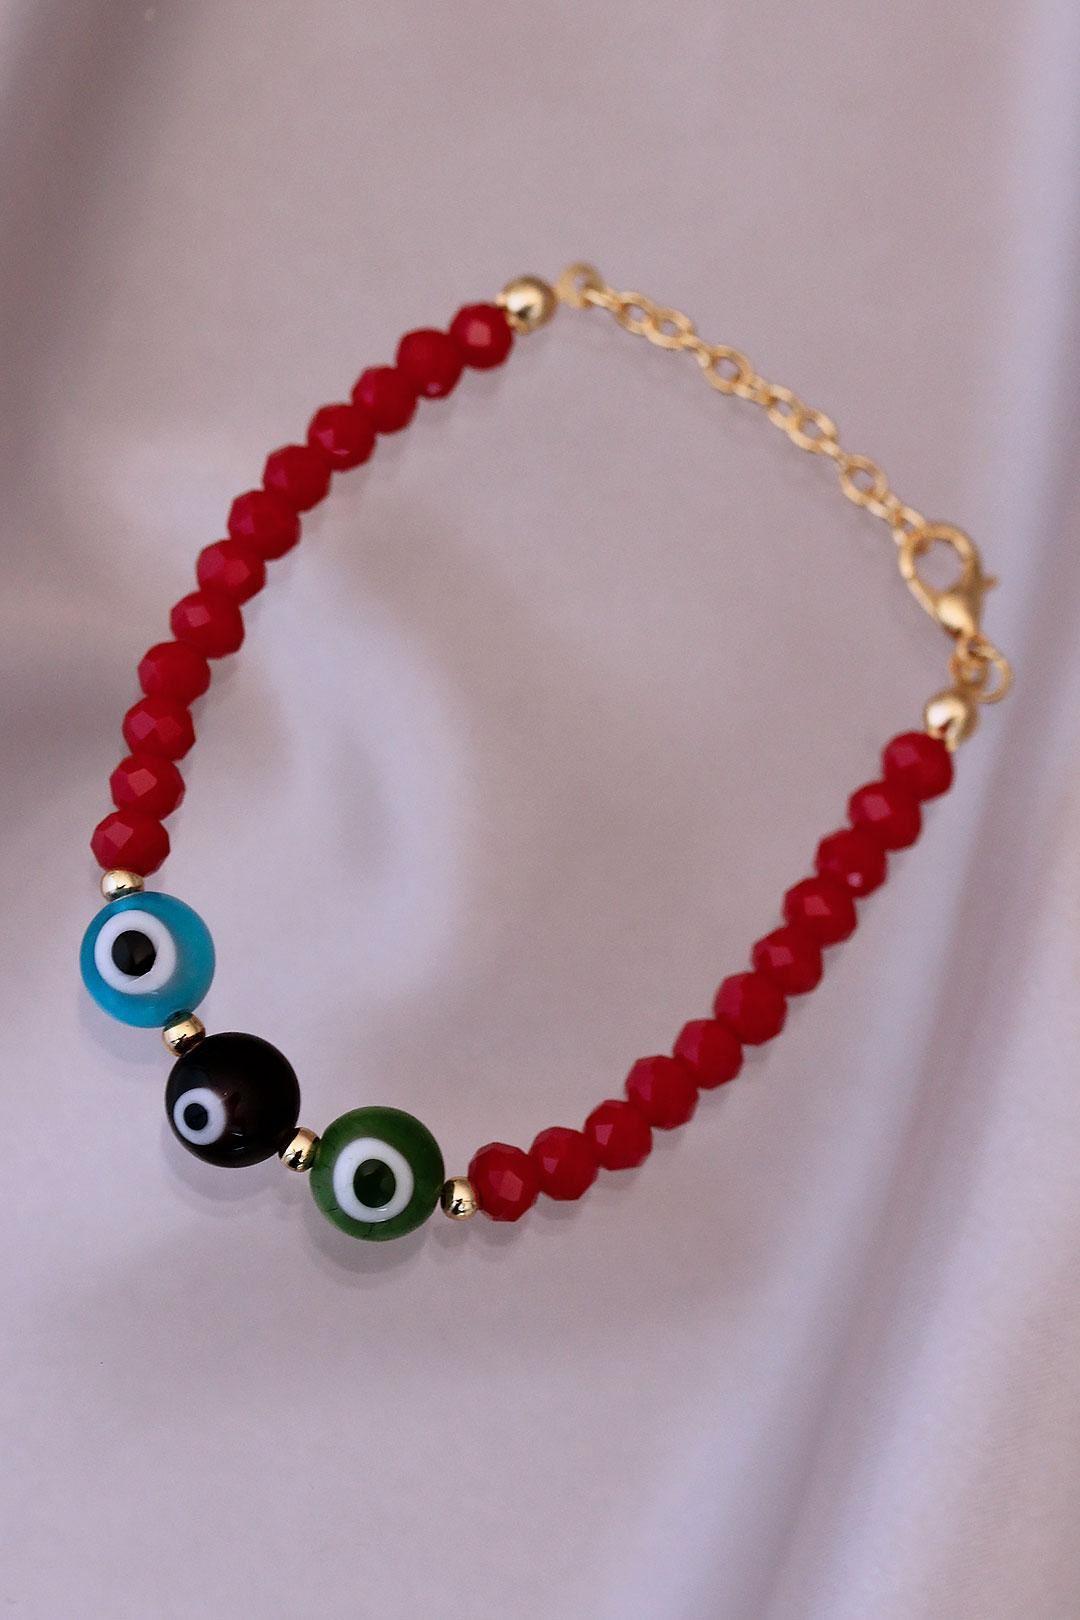 Renkli Nazar Boncuk Detaylı Kırmızı Murano Cam Boncuk Tasarımlı Bileklik